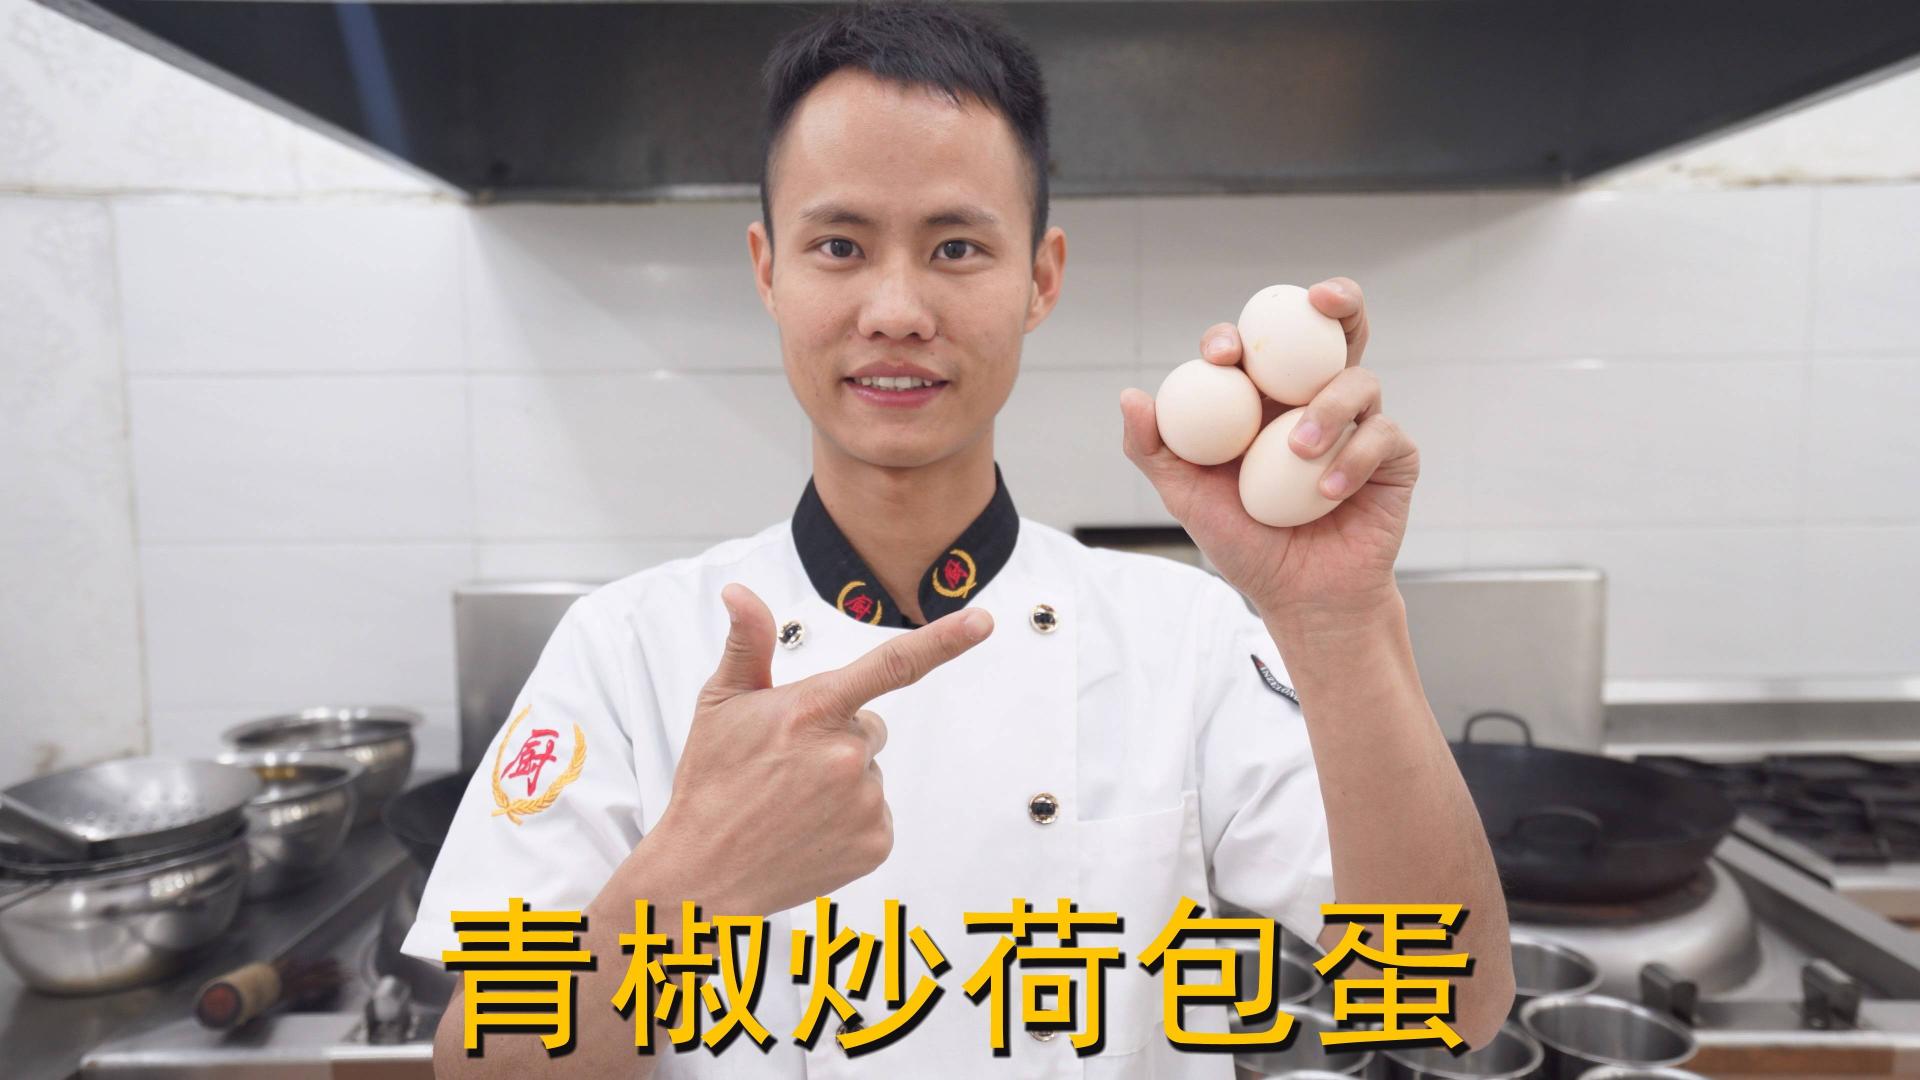 """厨师长教你:""""青椒炒荷包蛋""""的家常做法,味道很赞先收藏起来"""